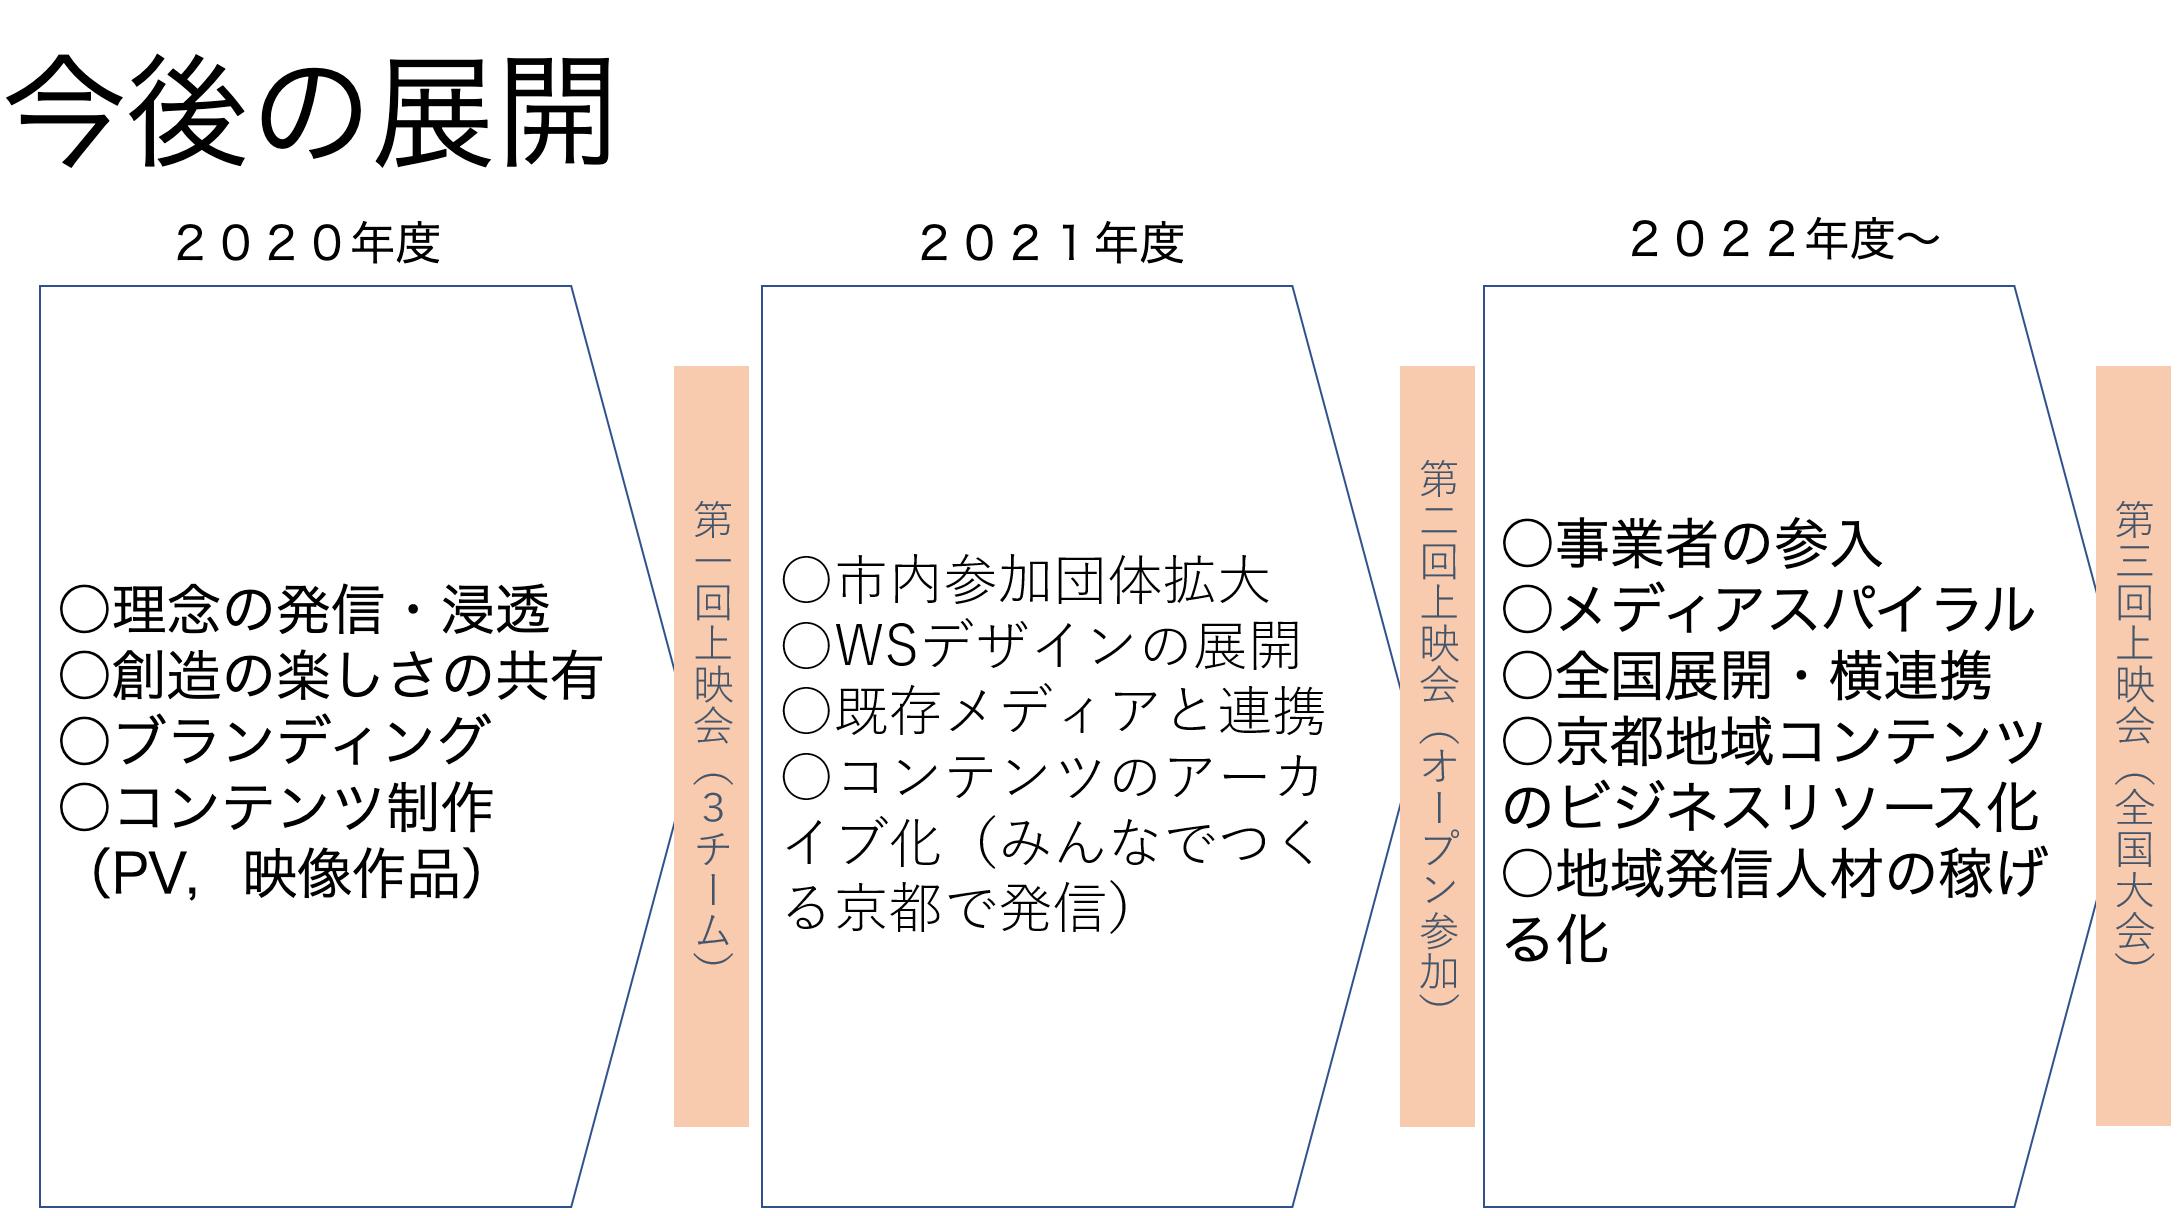 スクリーンショット 2020-09-01 10.27.01